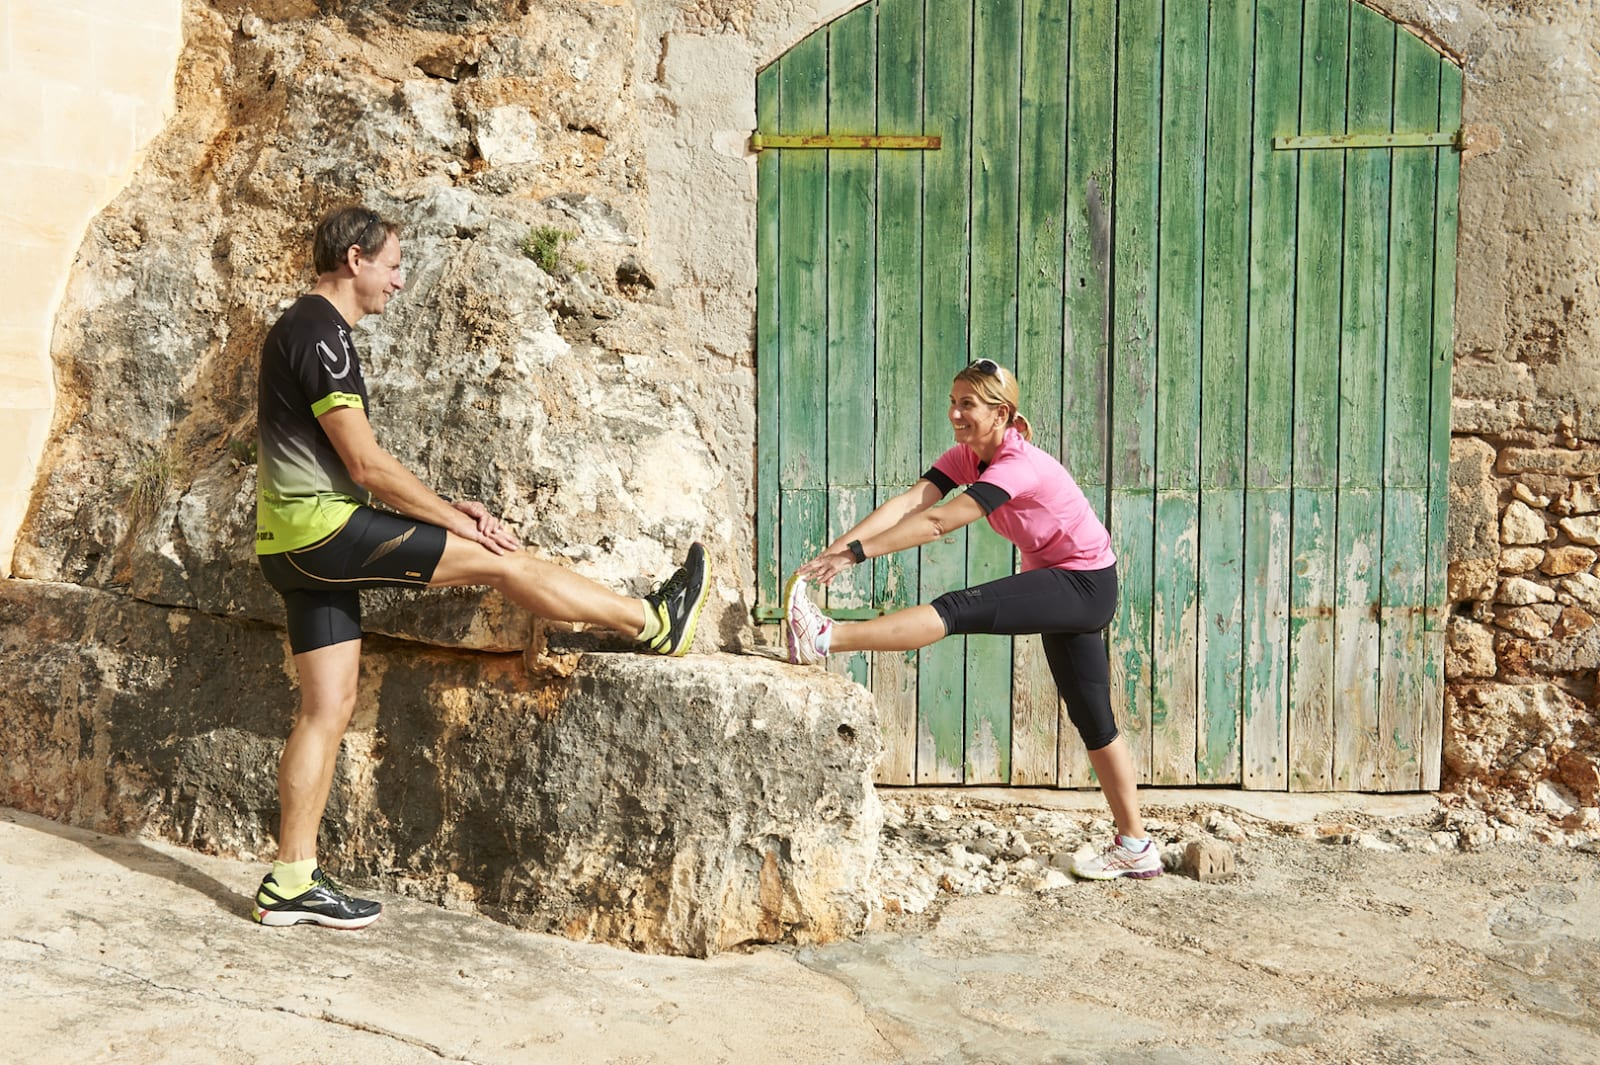 Ihr isla Special Reisepaket auf Mallorca: Fit & Relax